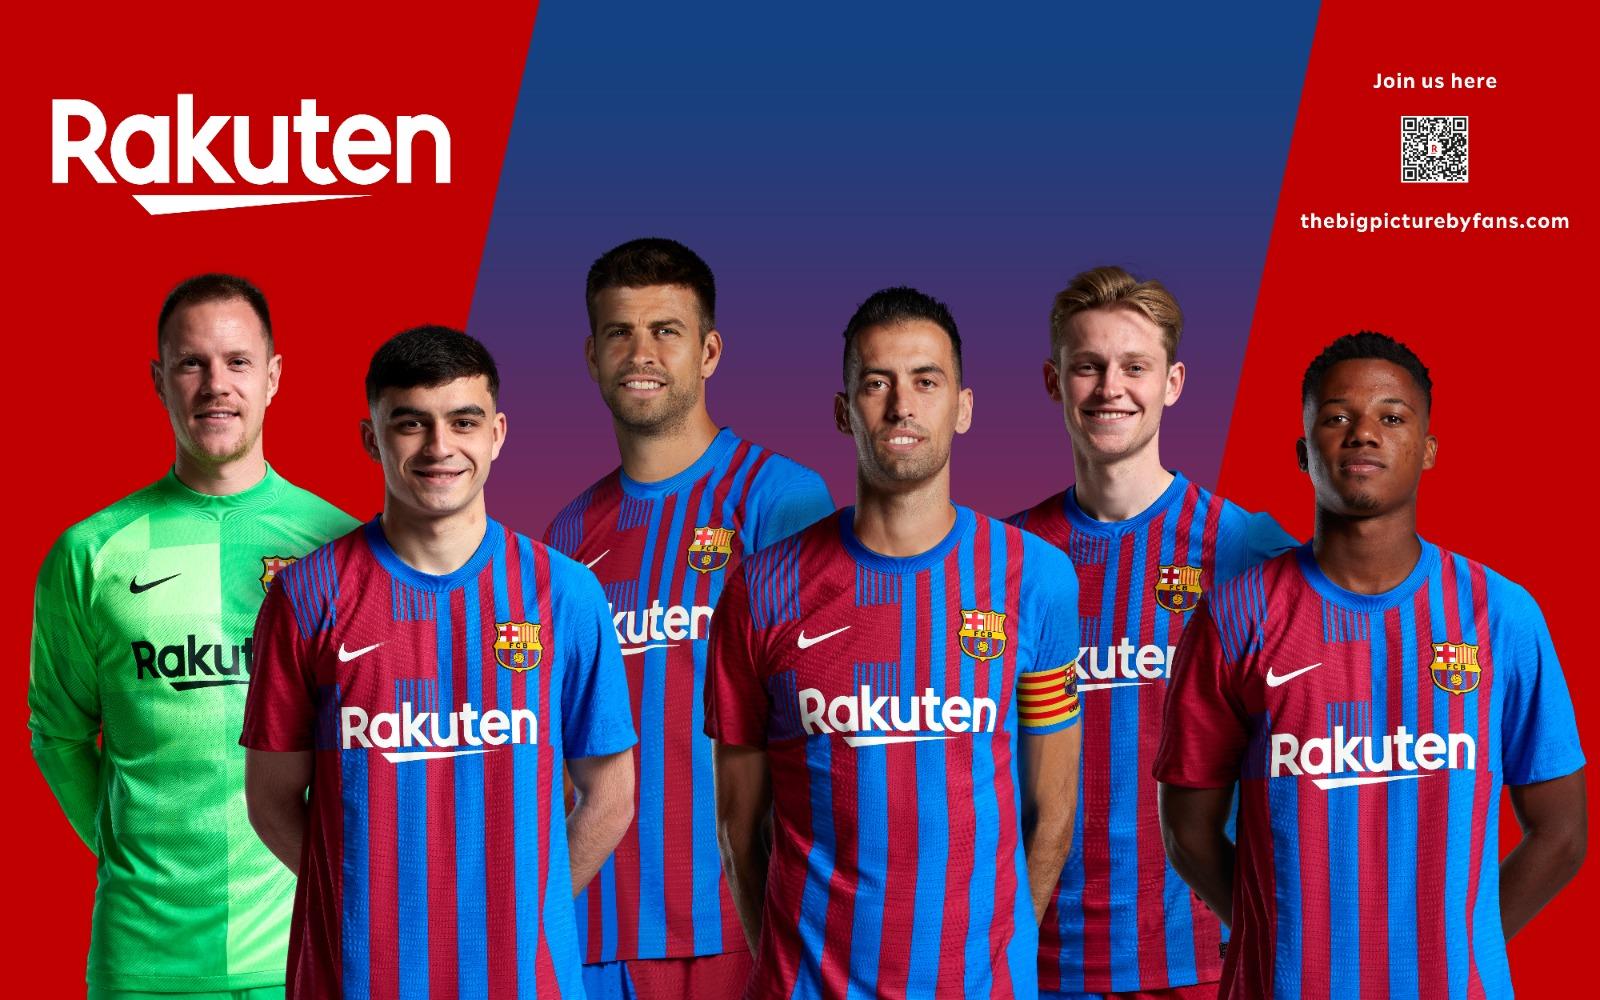 El Barça y Rakuten invitan un año más a los fans a formar parte de la fachada del Camp Nou